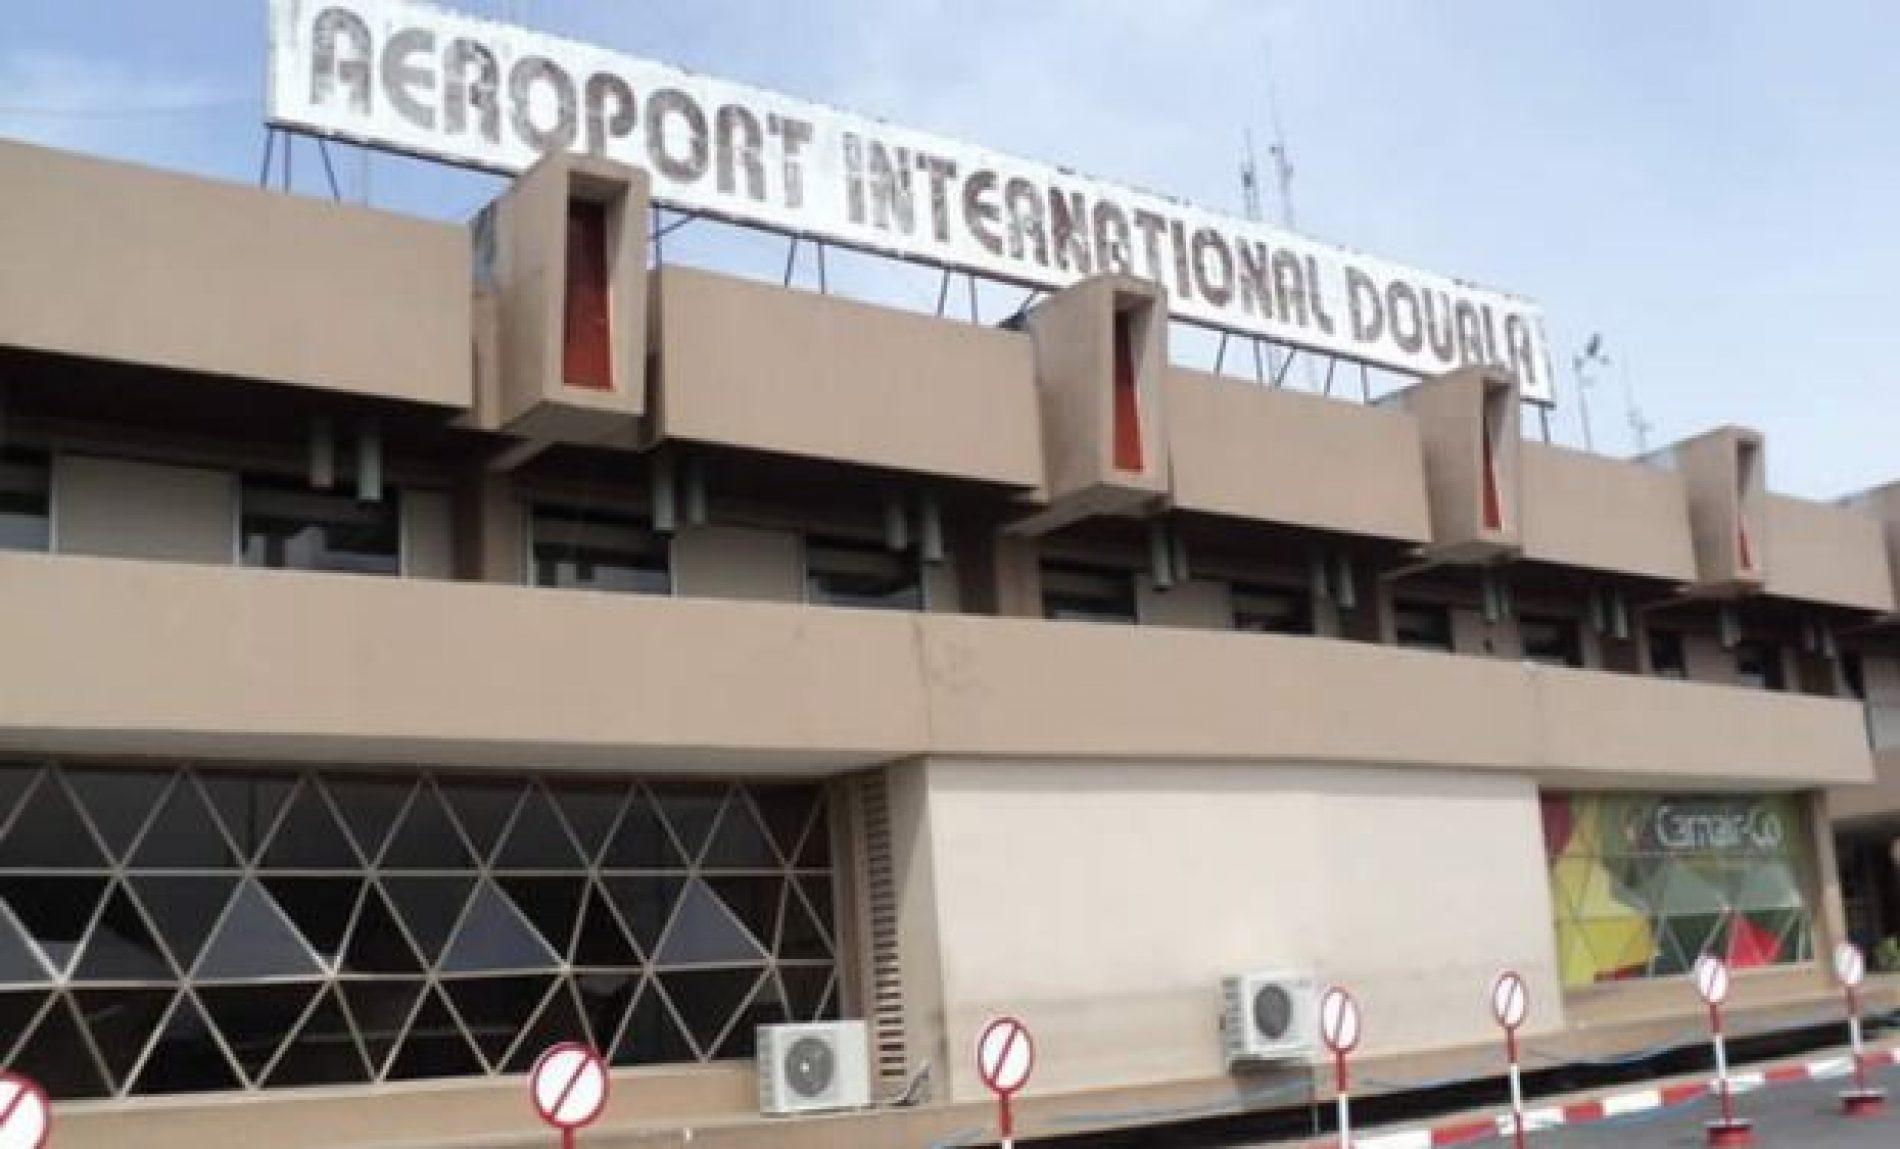 Insalubrité a l'aéroport de Douala : les compagnies aériennes tirent la sonnette d'alarme